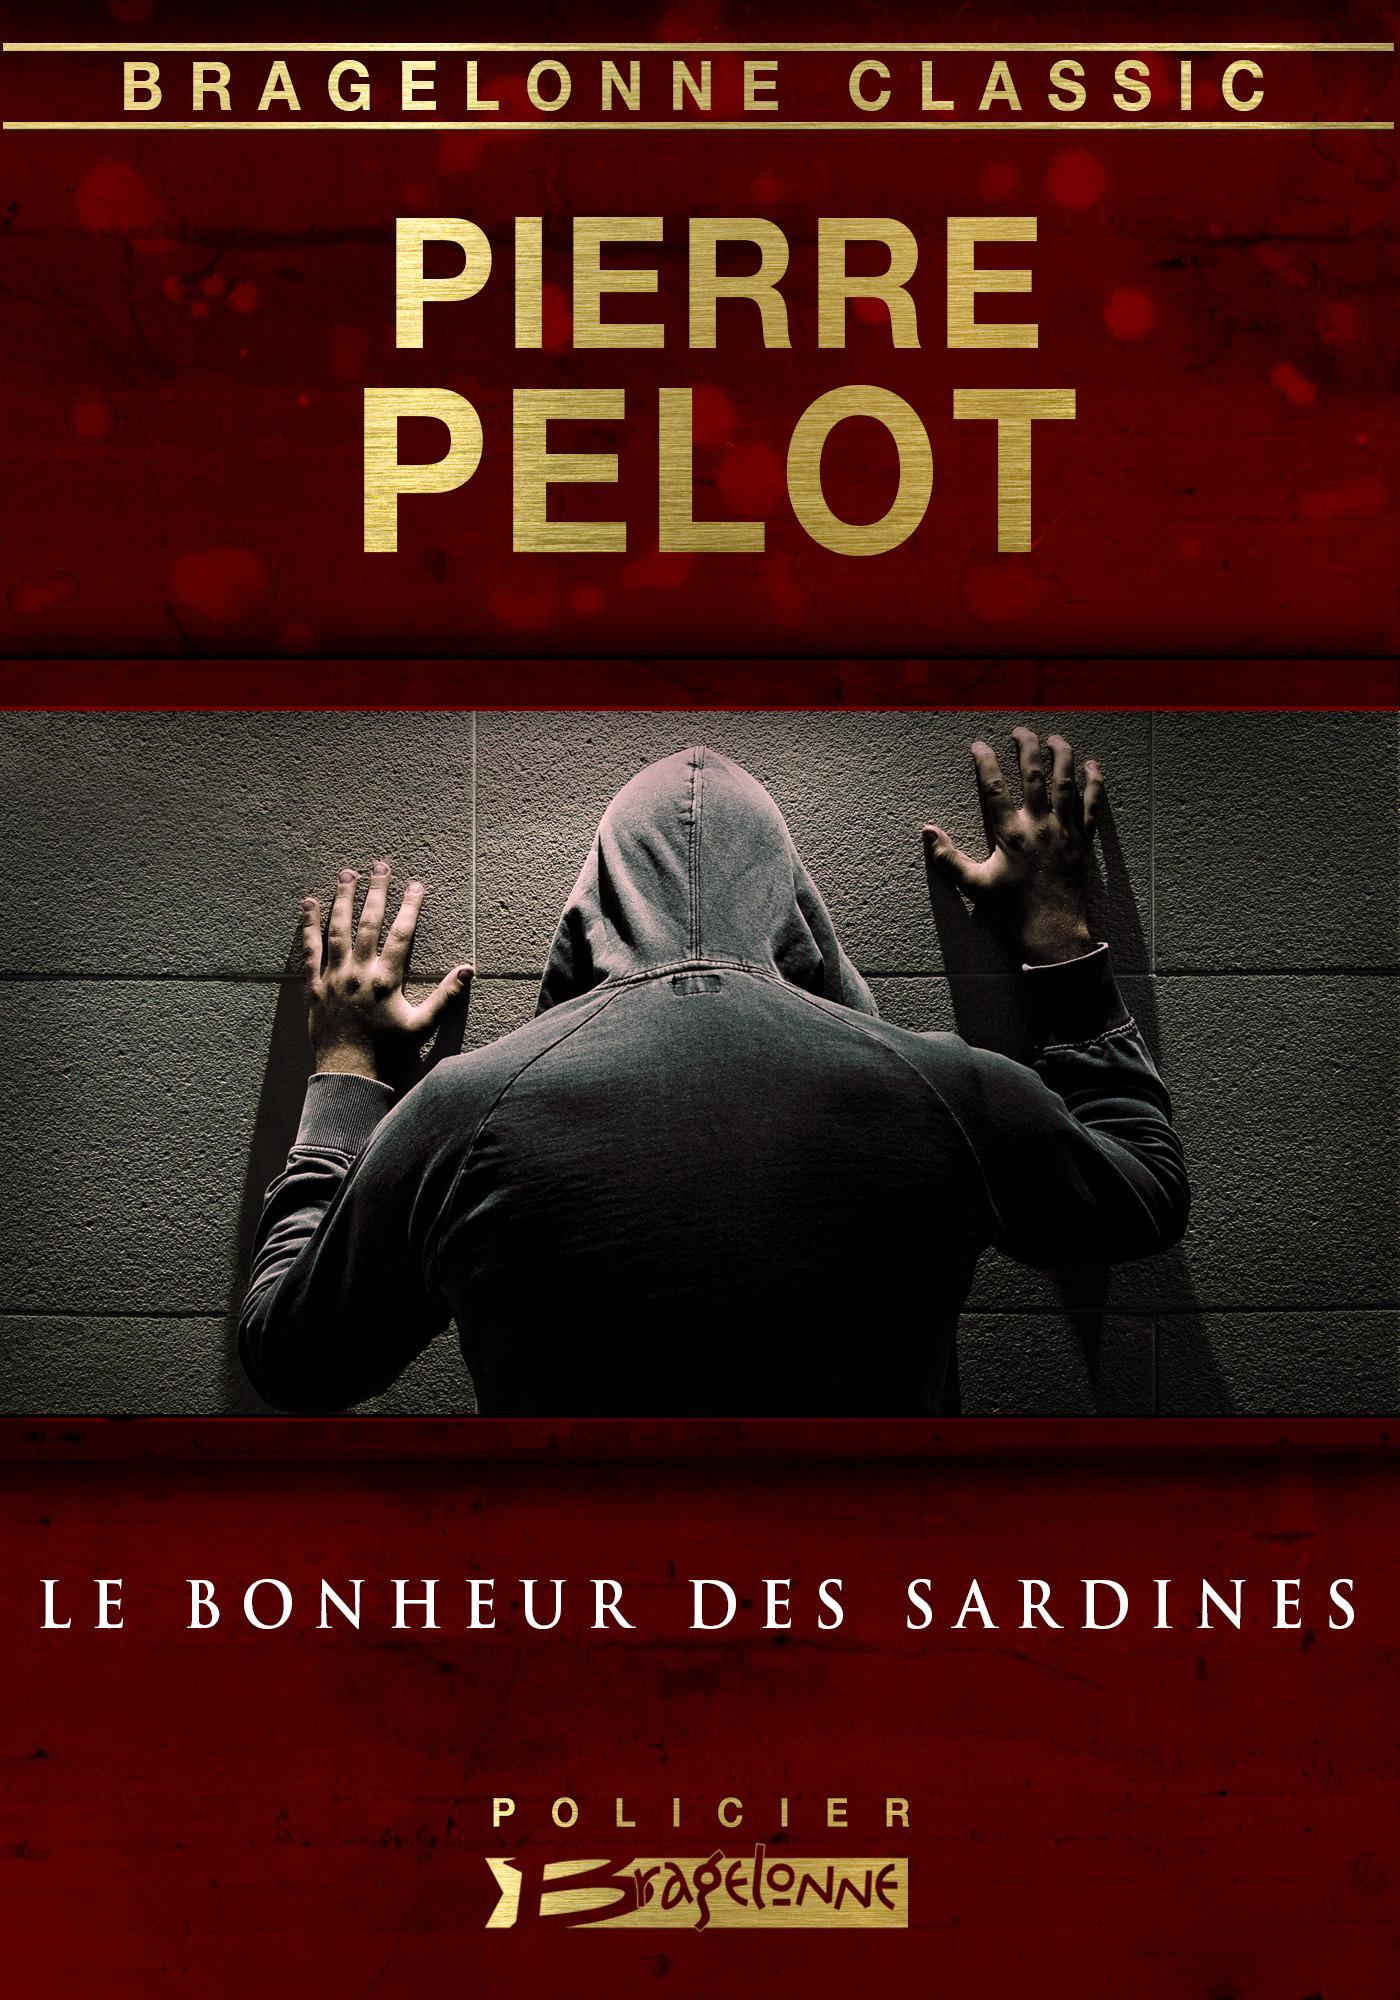 Le Bonheur des sardines  - Pierre Pelot